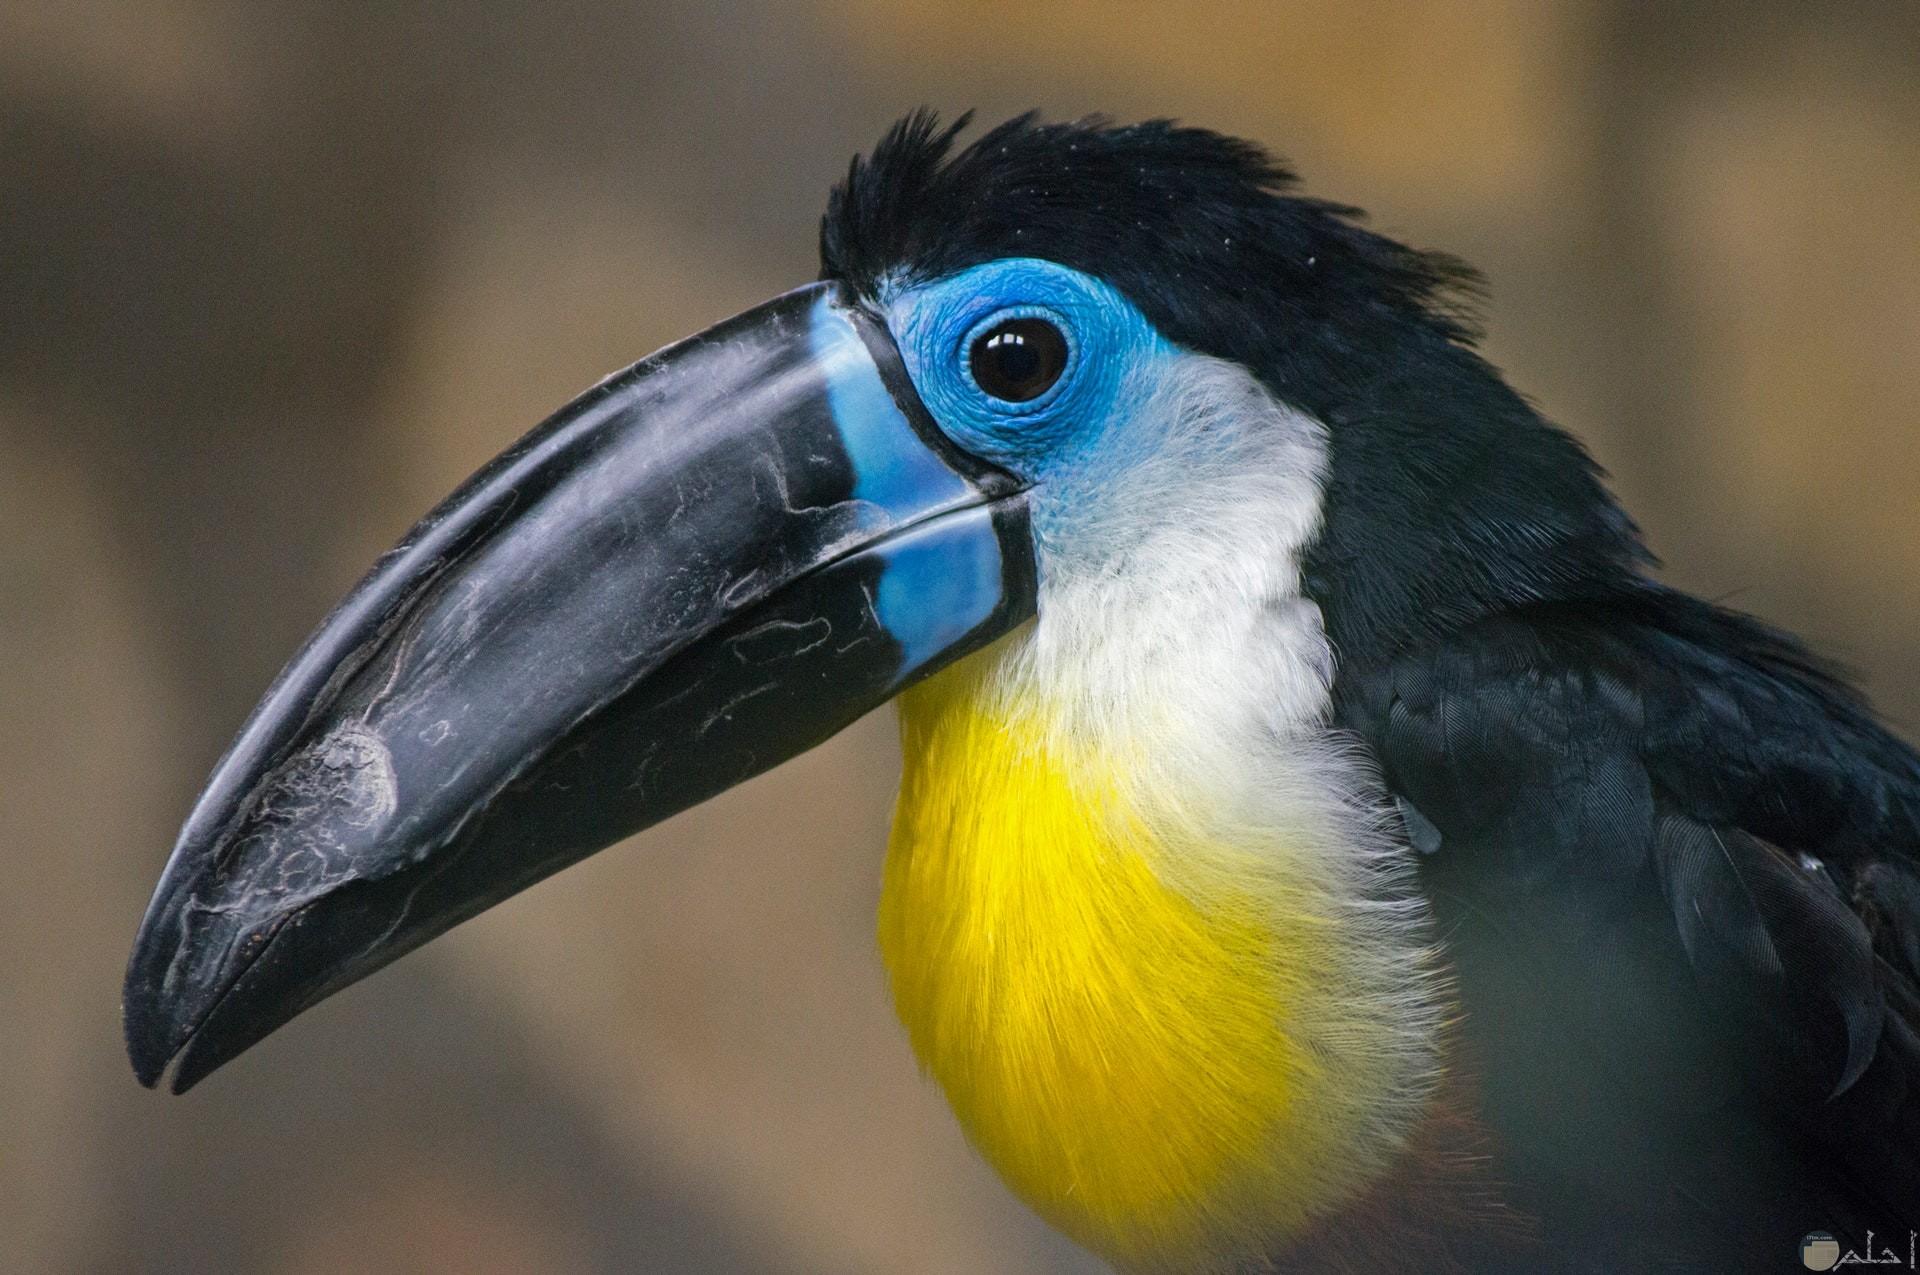 صورة جميلة لطائر ملون باللون الأبيض والأصفر والأسود وجزء من وجهه باللون اللبني